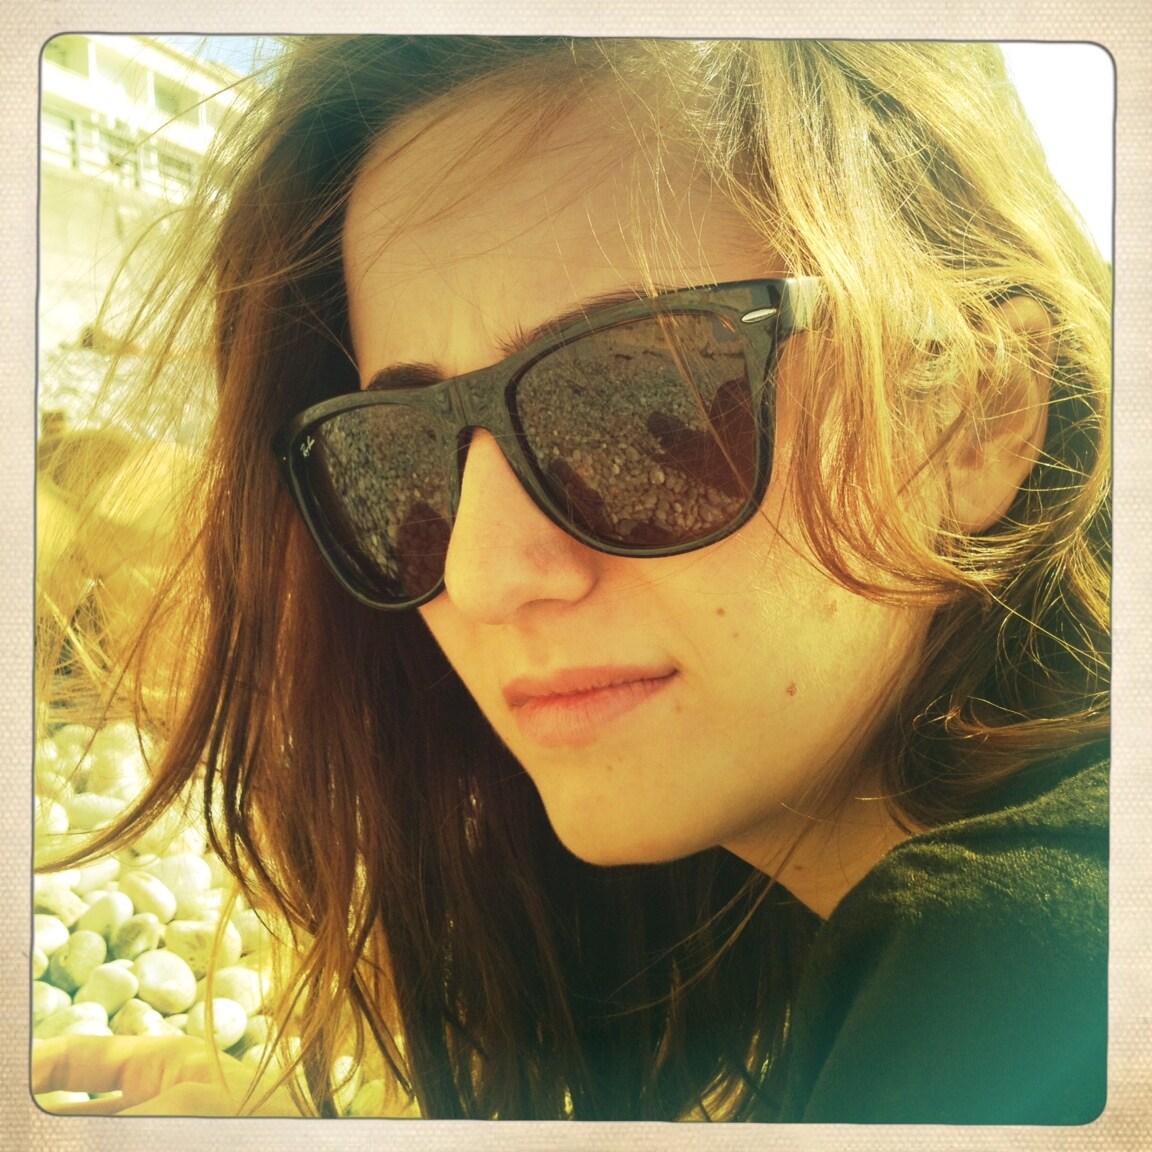 Laura from Paris